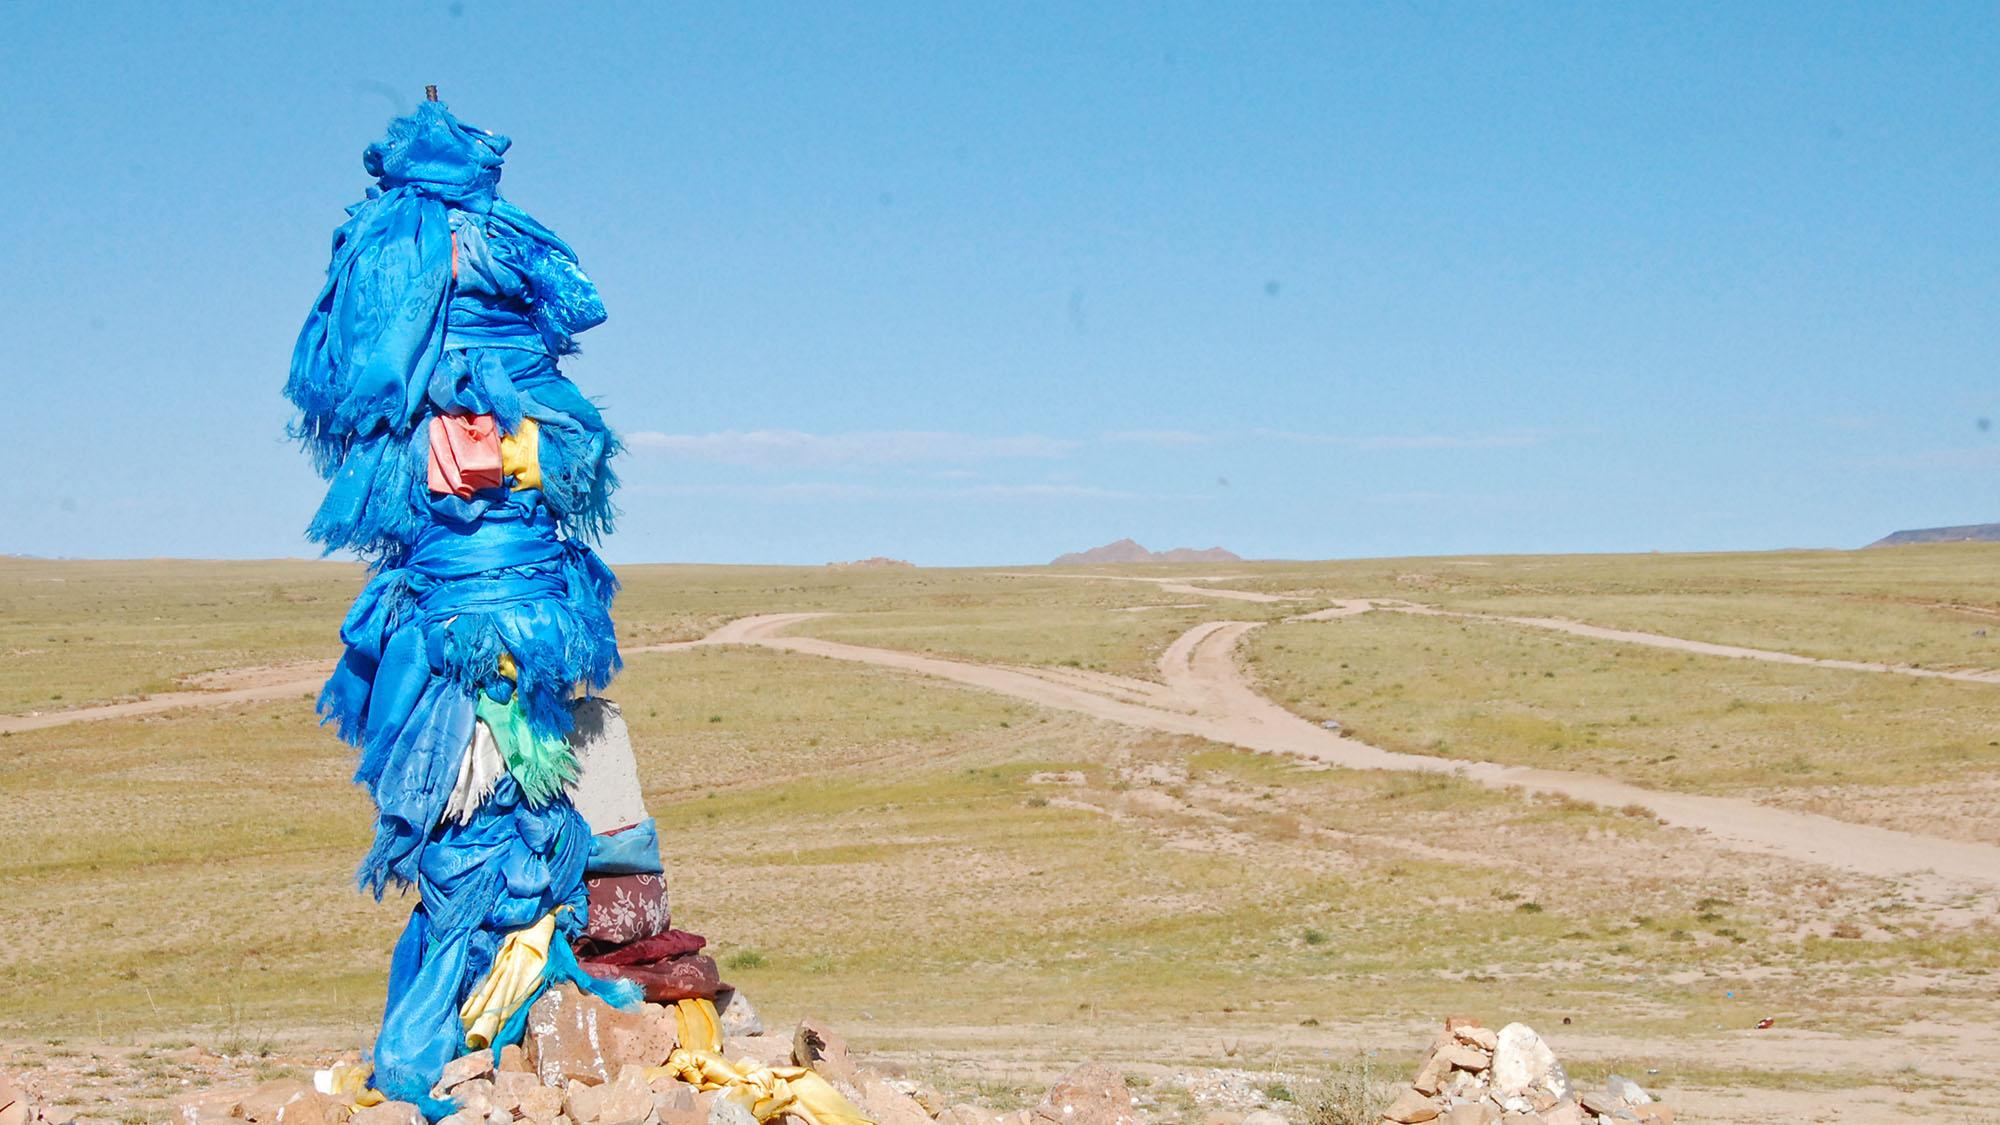 Mange steder kan man se de blå silkesjalene som kalles khadag på stener, trær og på hellige steder. Blå er en hellig farge i Mongolia.